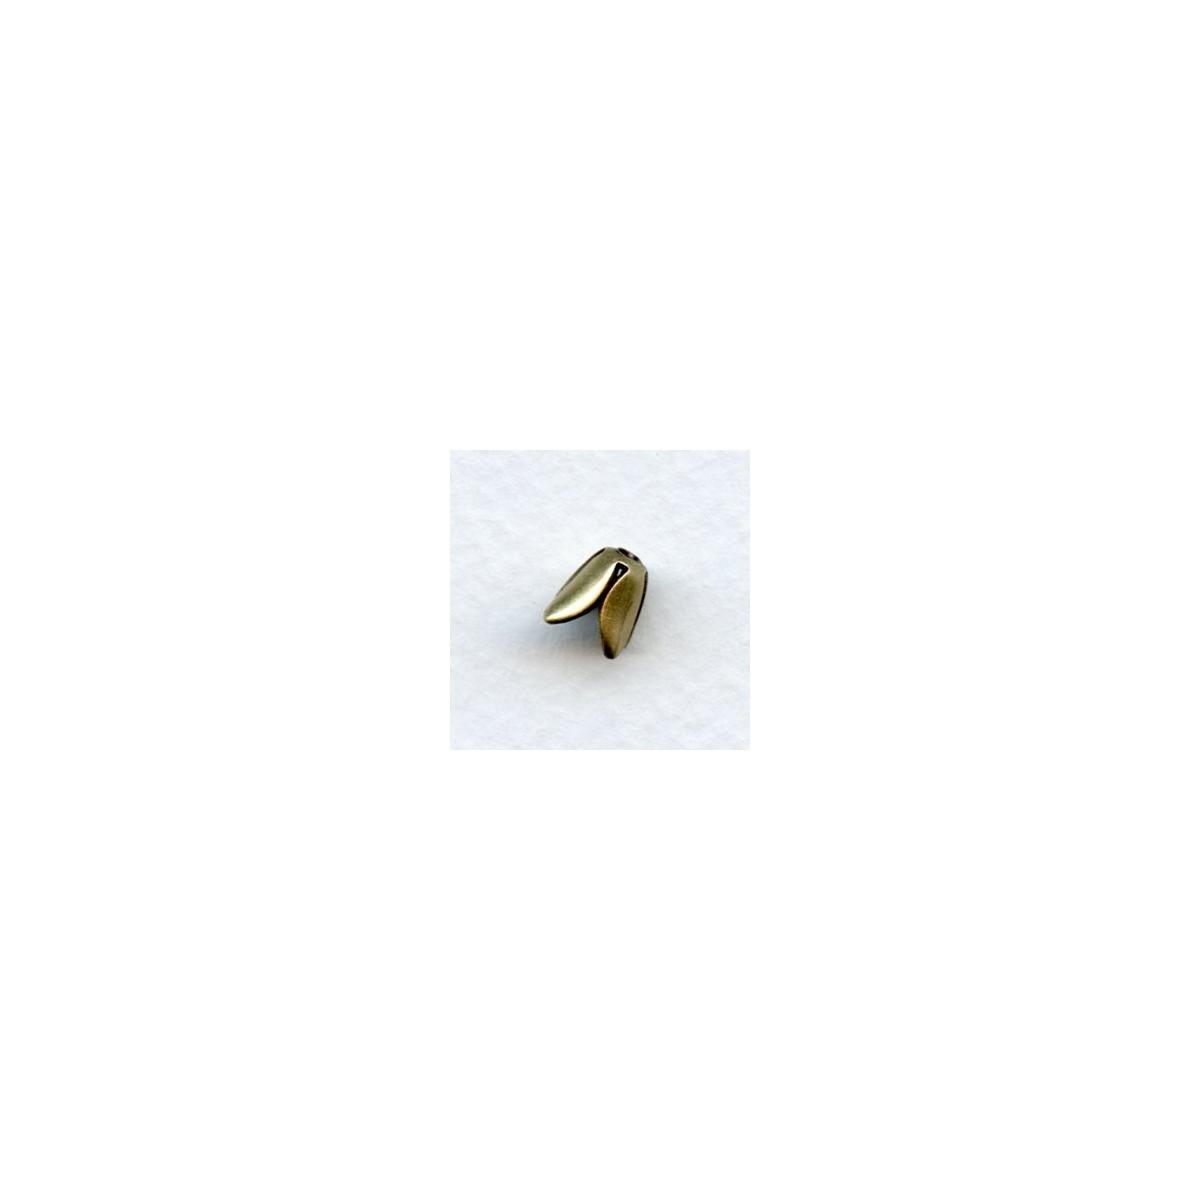 Smooth Tulip Style Bead Cap Raw Brass